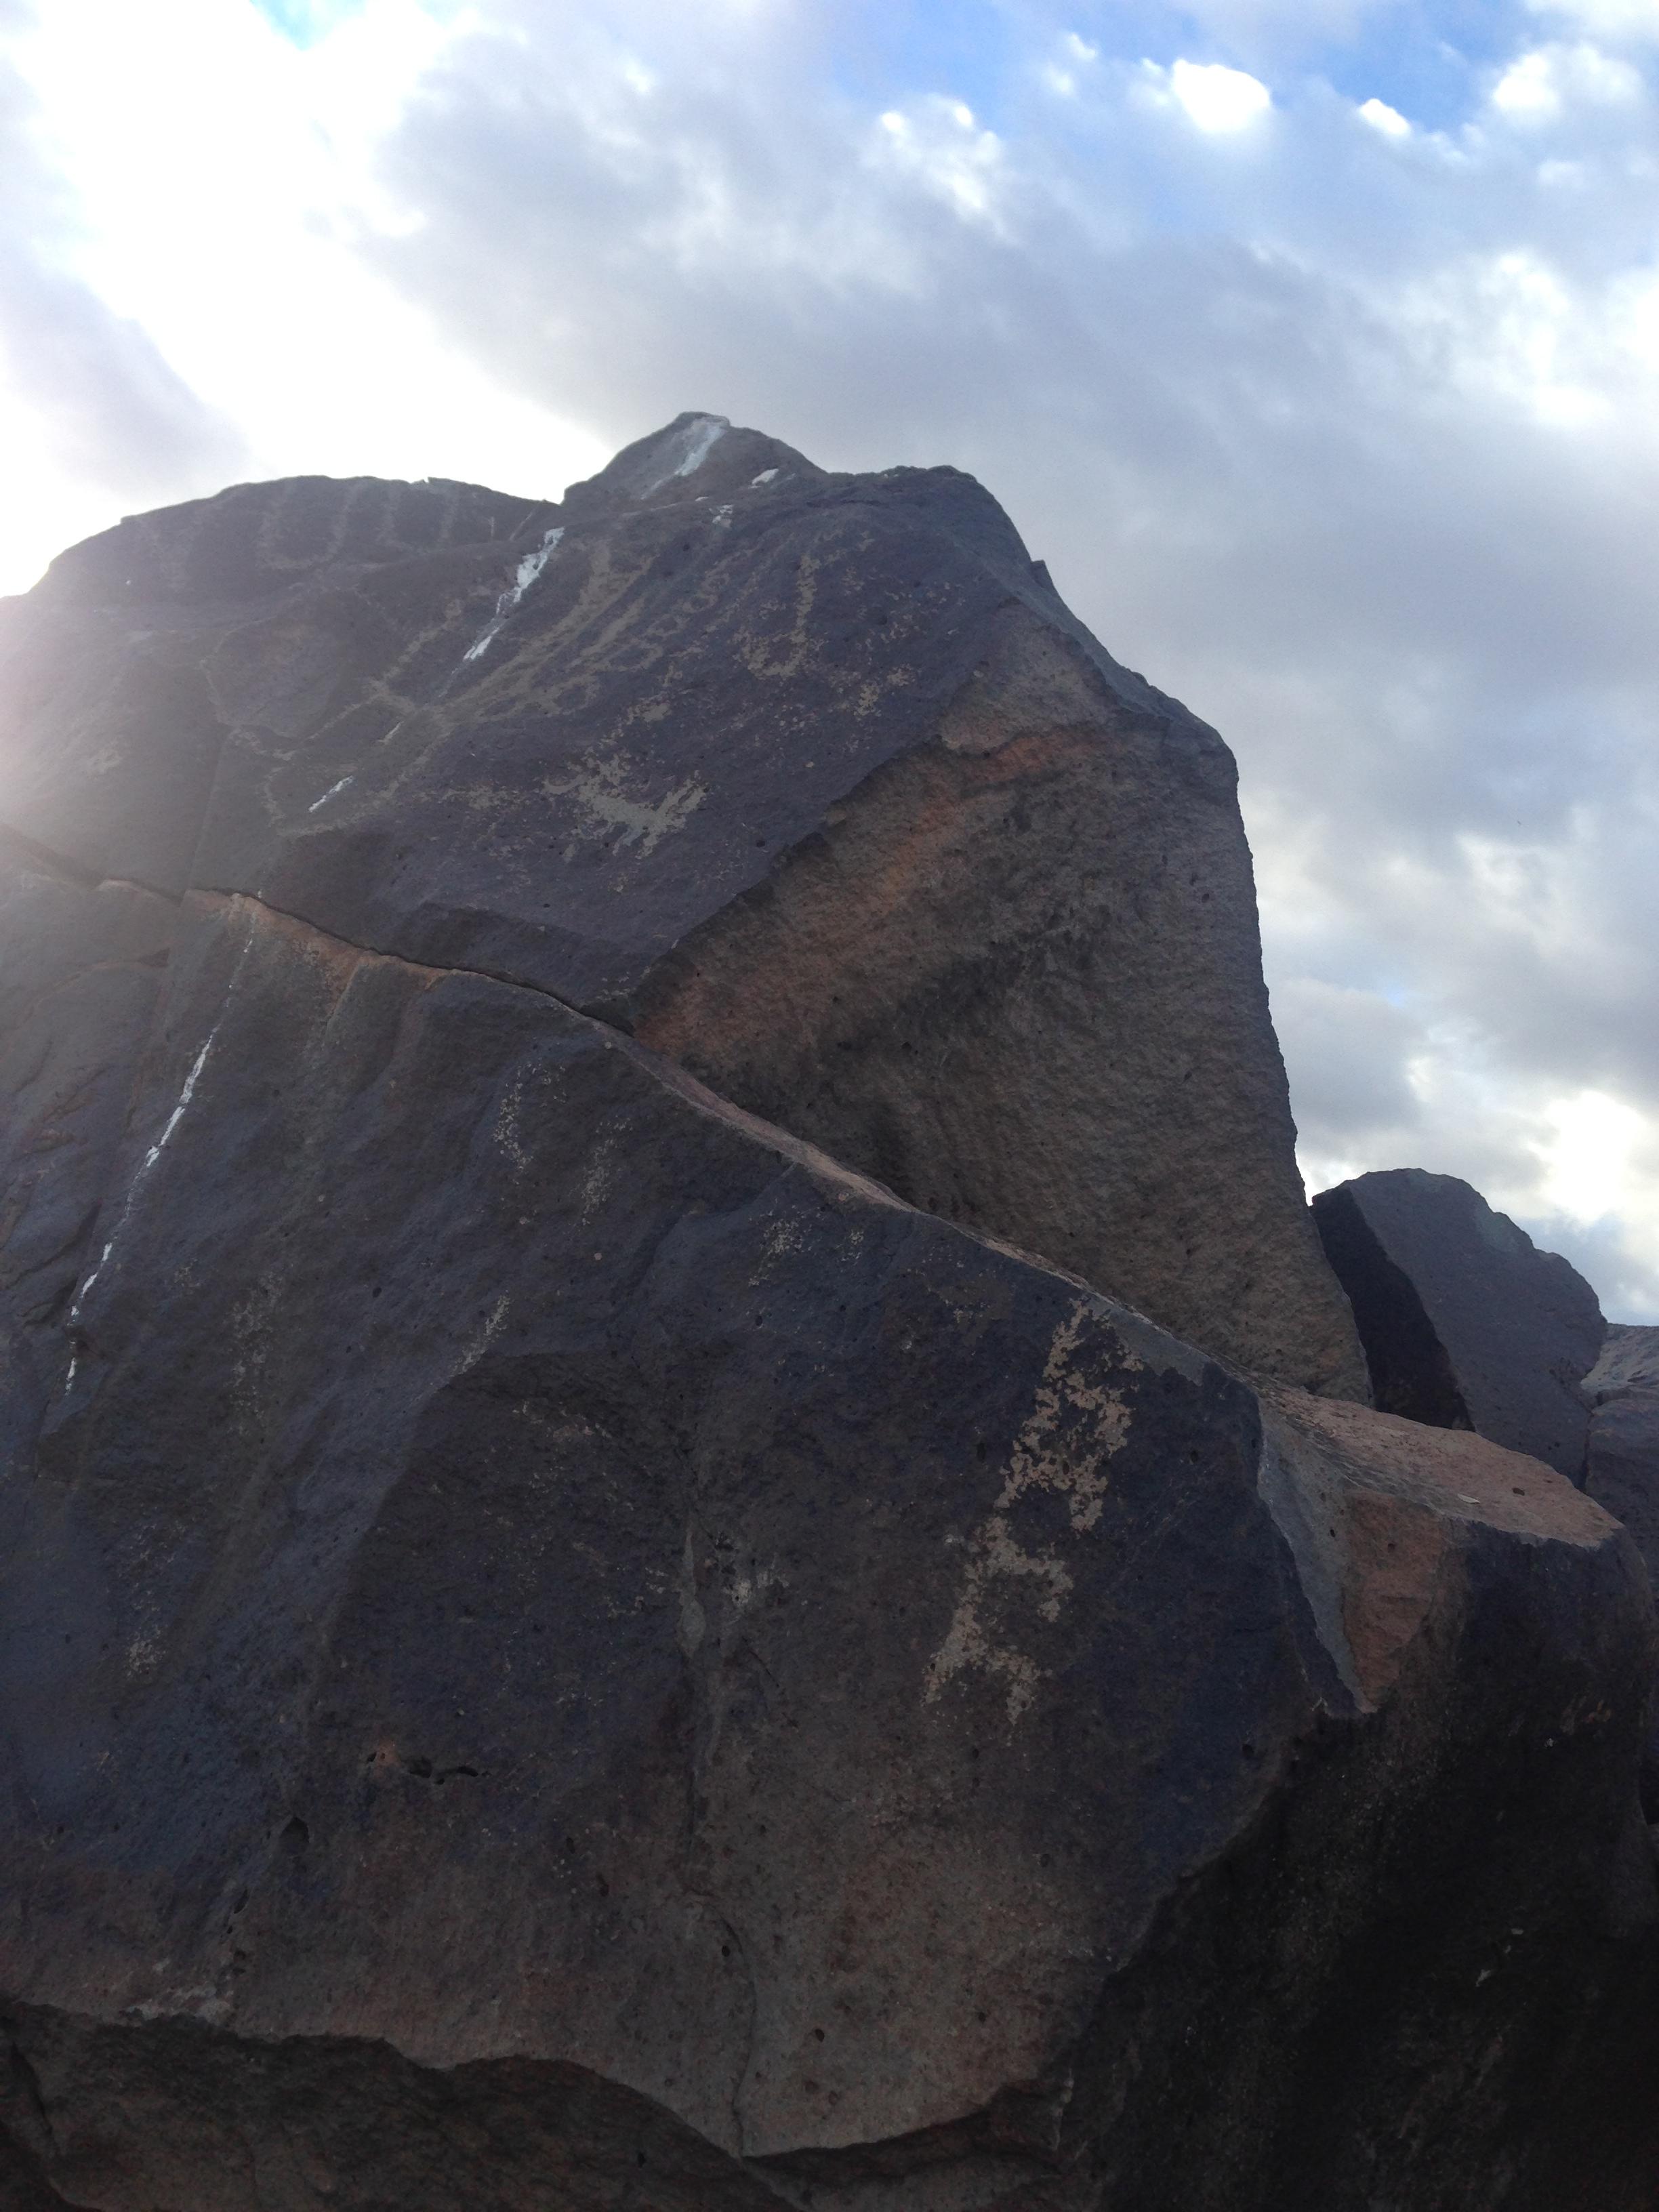 Recorrido de 1300 millas mas fotos de petroglificos de la mizma zona, misma montaña Cb2e42ec05421399902ca478c4872fafo